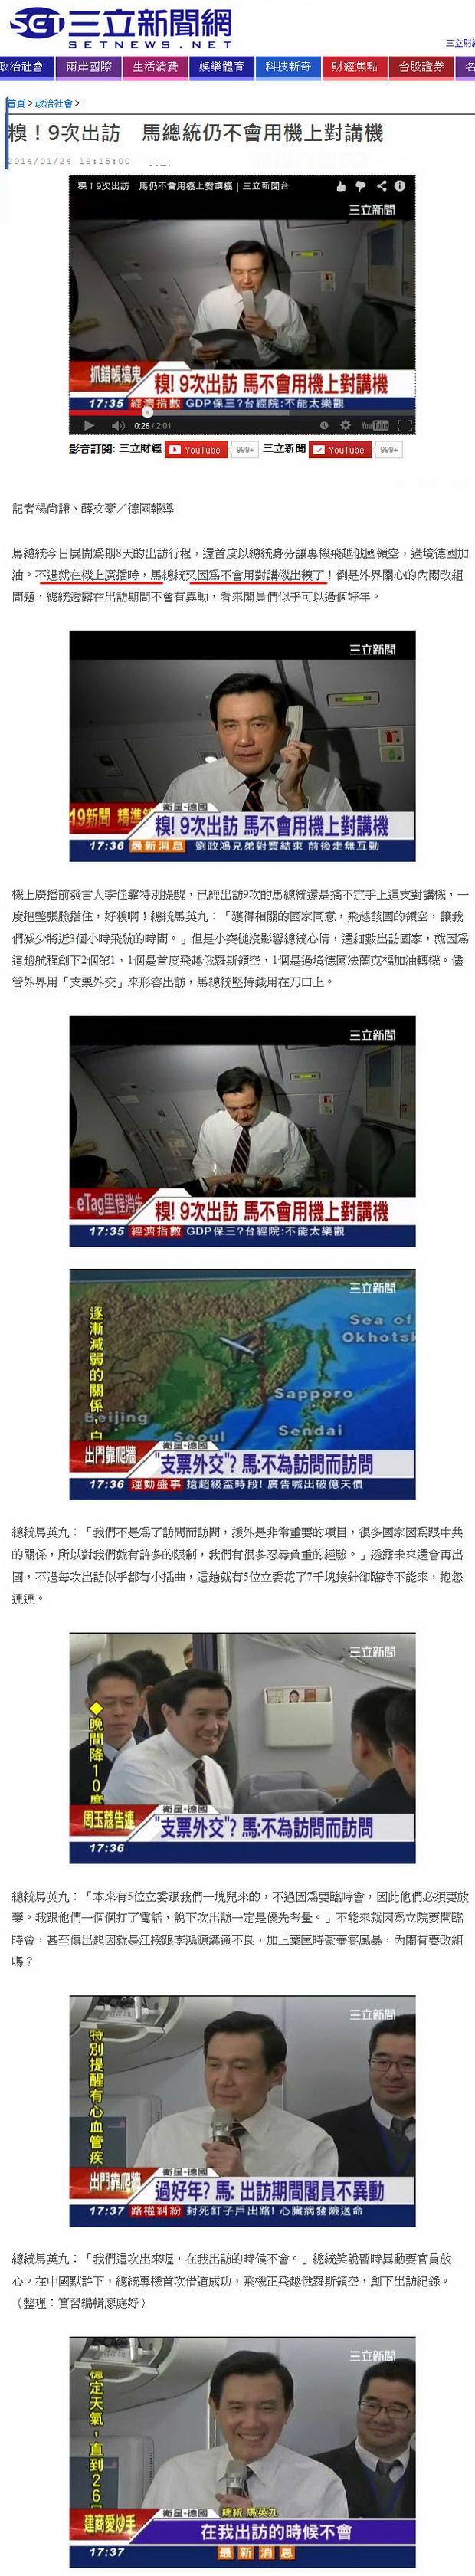 糗!9次出訪 馬總統仍不會用機上對講機-2014.01.24.jpg